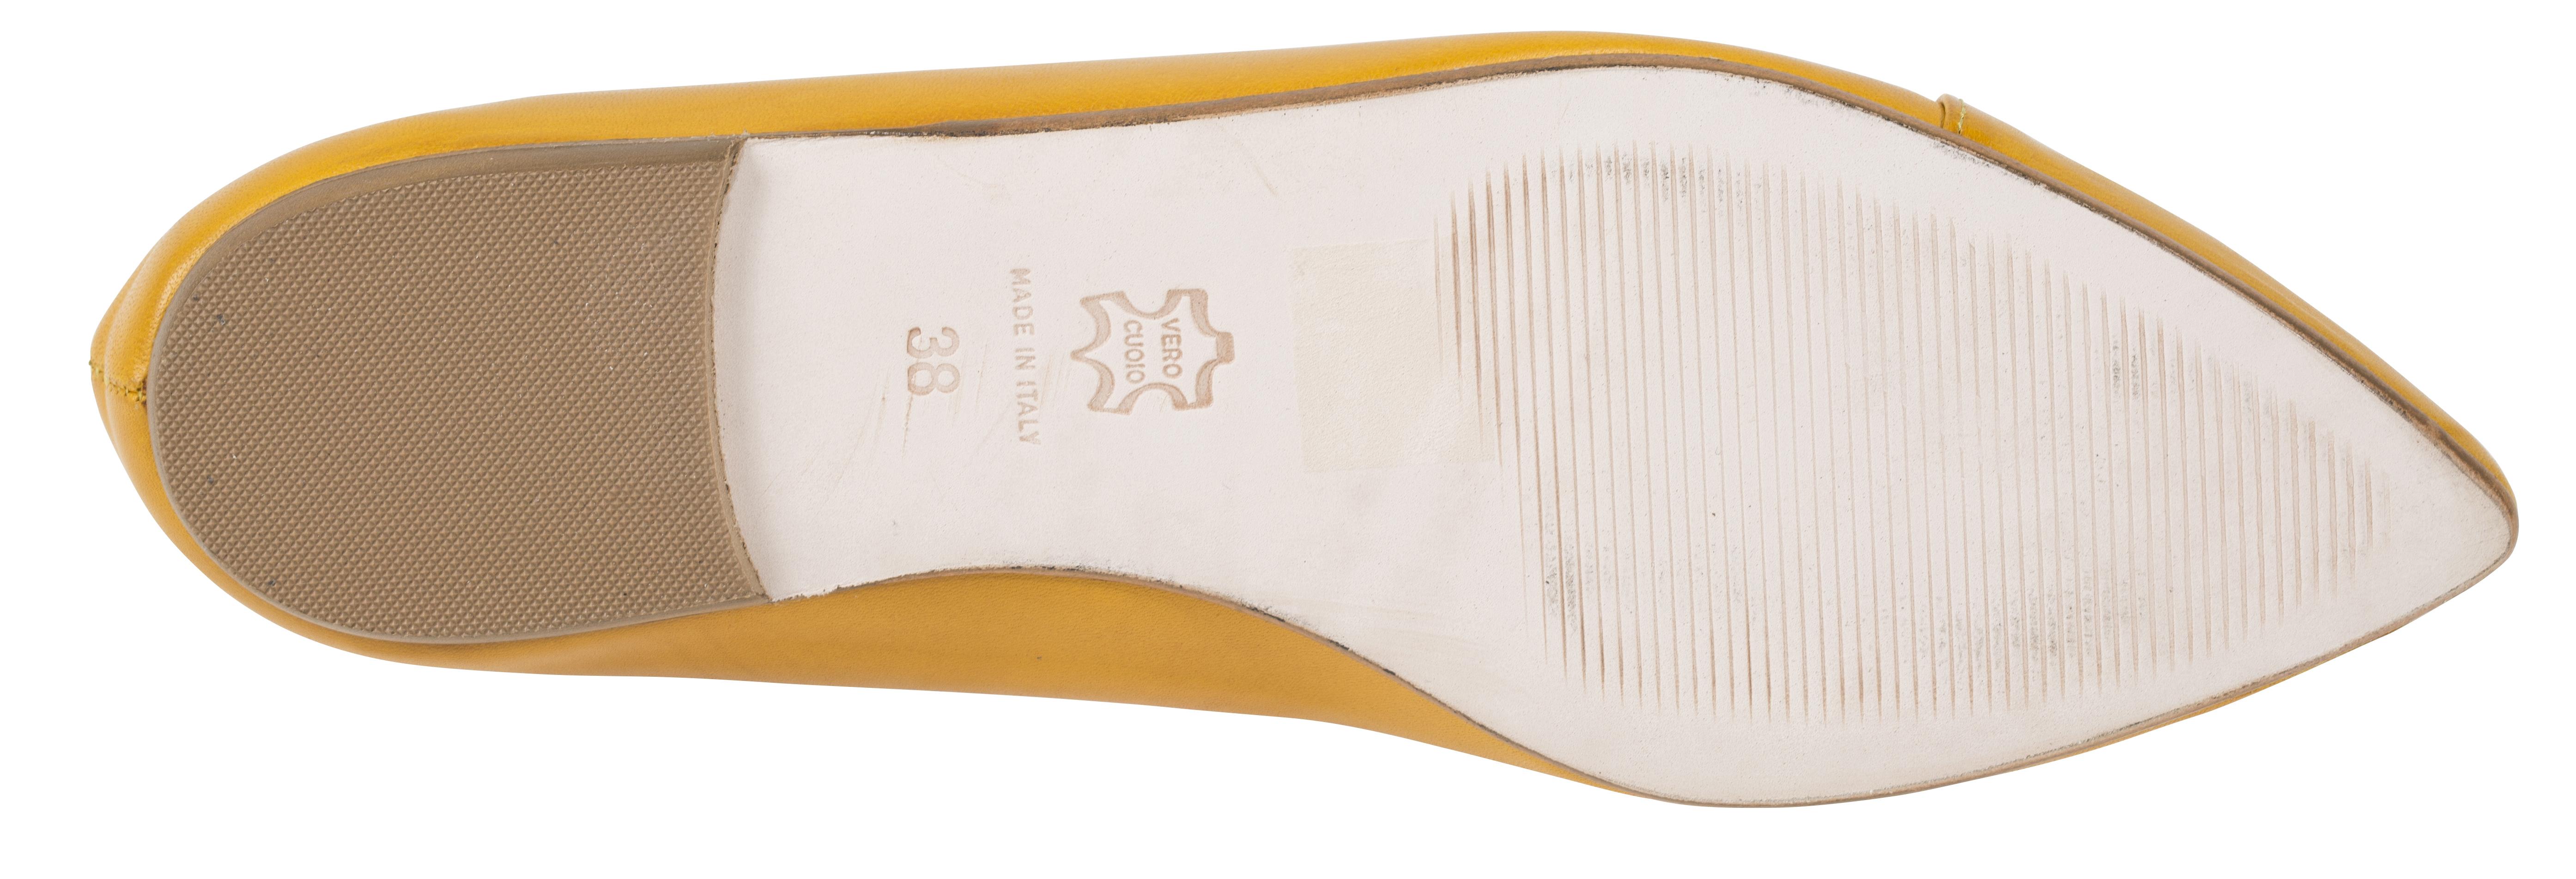 wholesale dealer f410a f5982 som Finn butikk modellen har denne CO01Oq5w